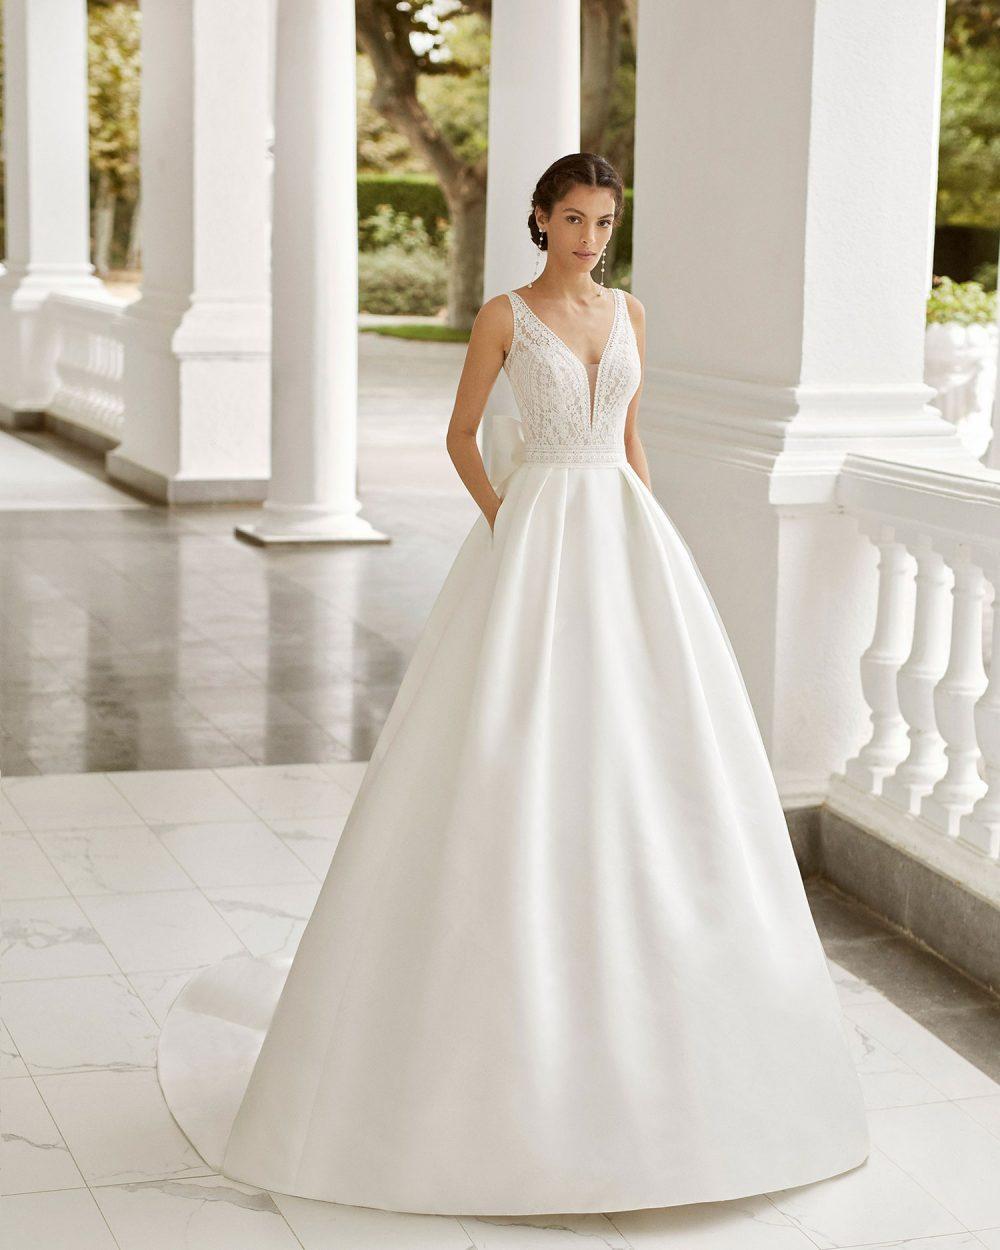 Rosa Clarà 2022 abito vestito sposa Vicenza SORAYA